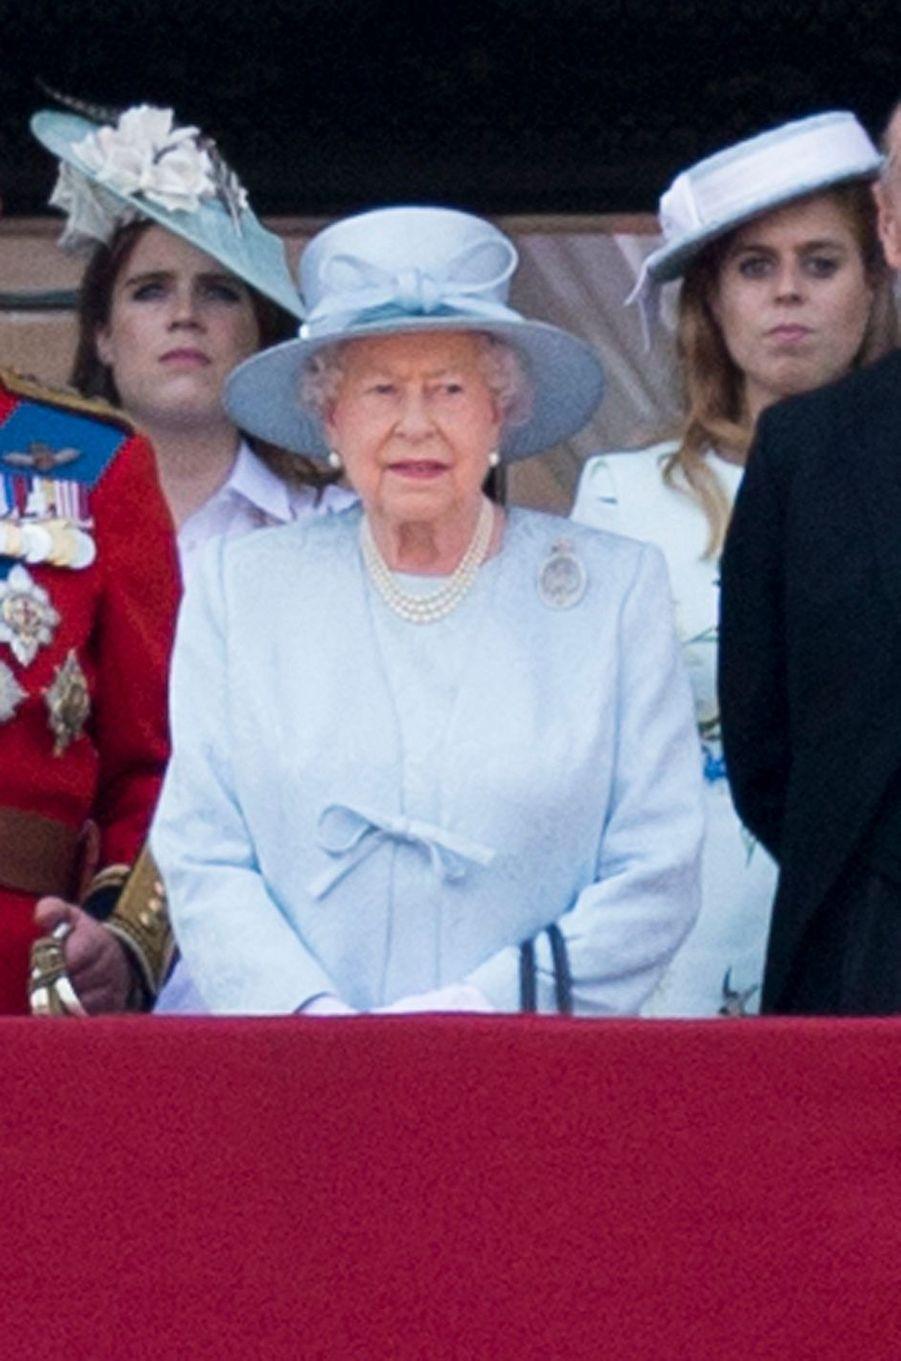 La reine Elizabeth II avec ses petites-filles les princesses Eugenie et Beatrice d'York à Londres, le 17 juin 2017